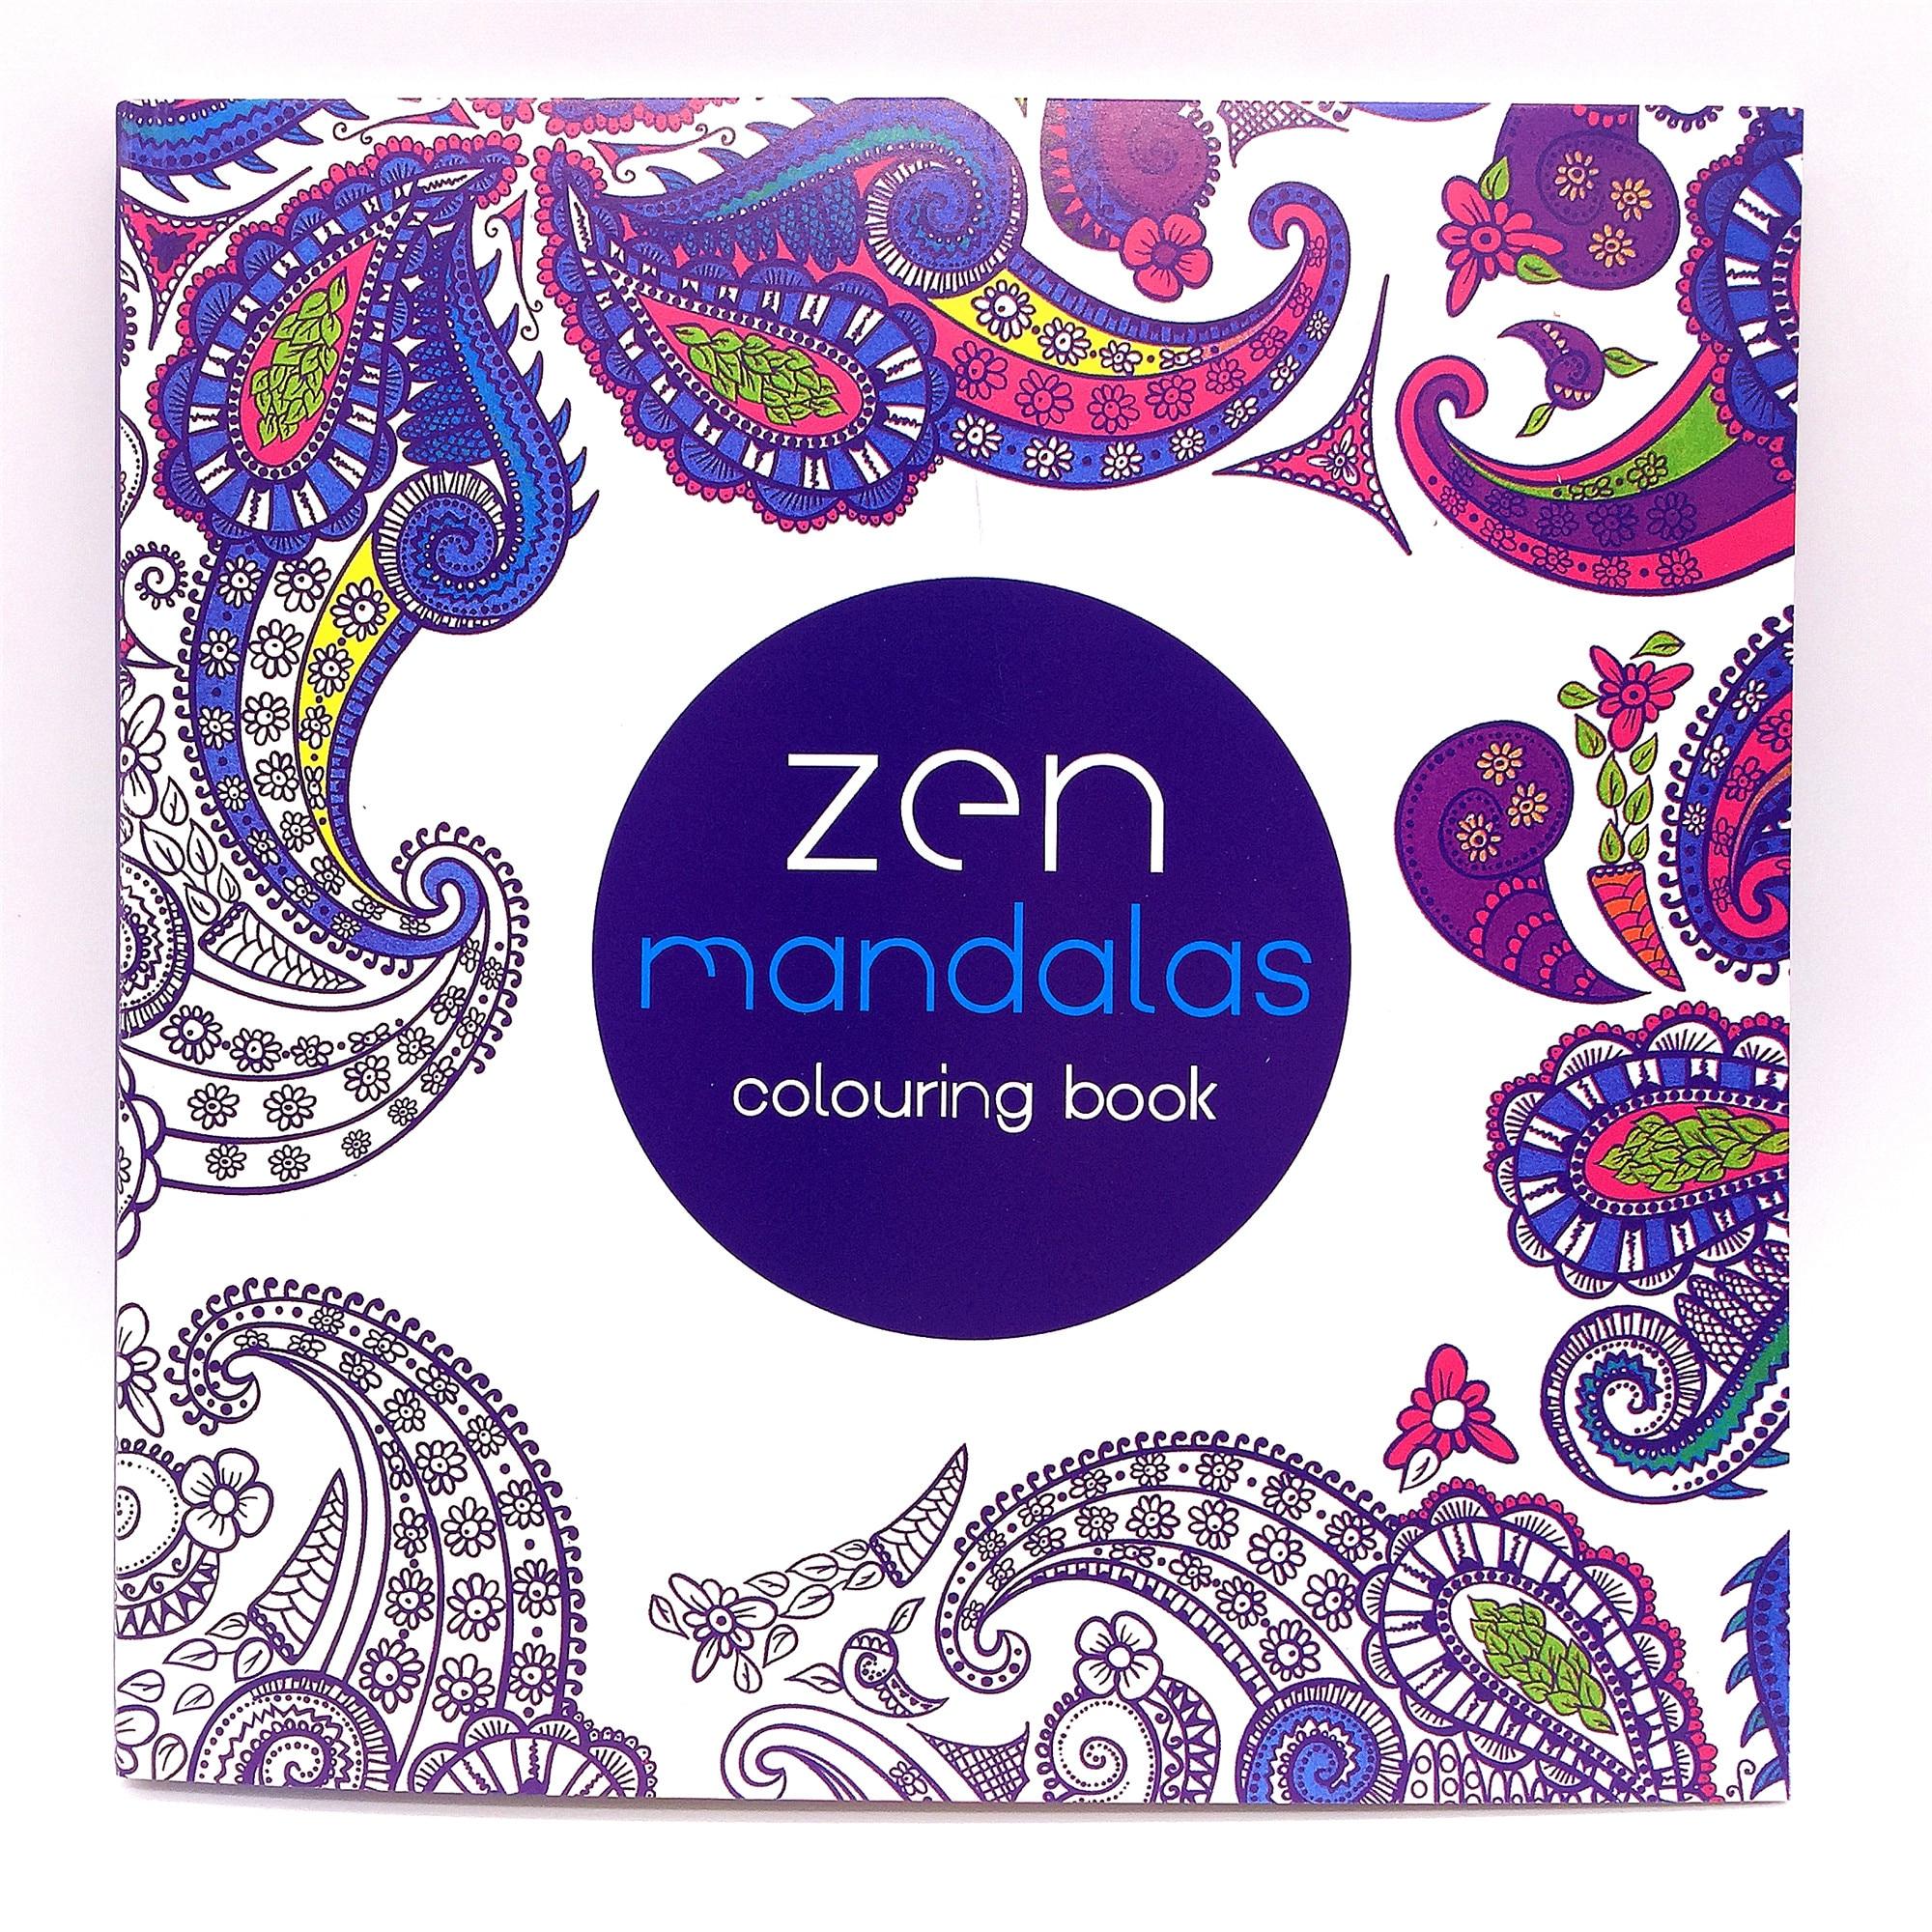 Coloring book untuk dewasa - 1 Pcs 62 Halaman 124 Diagram Dewasa Anak Graffiti Buku Zen Manddlds Mewarnai Buku Gratis Pengiriman